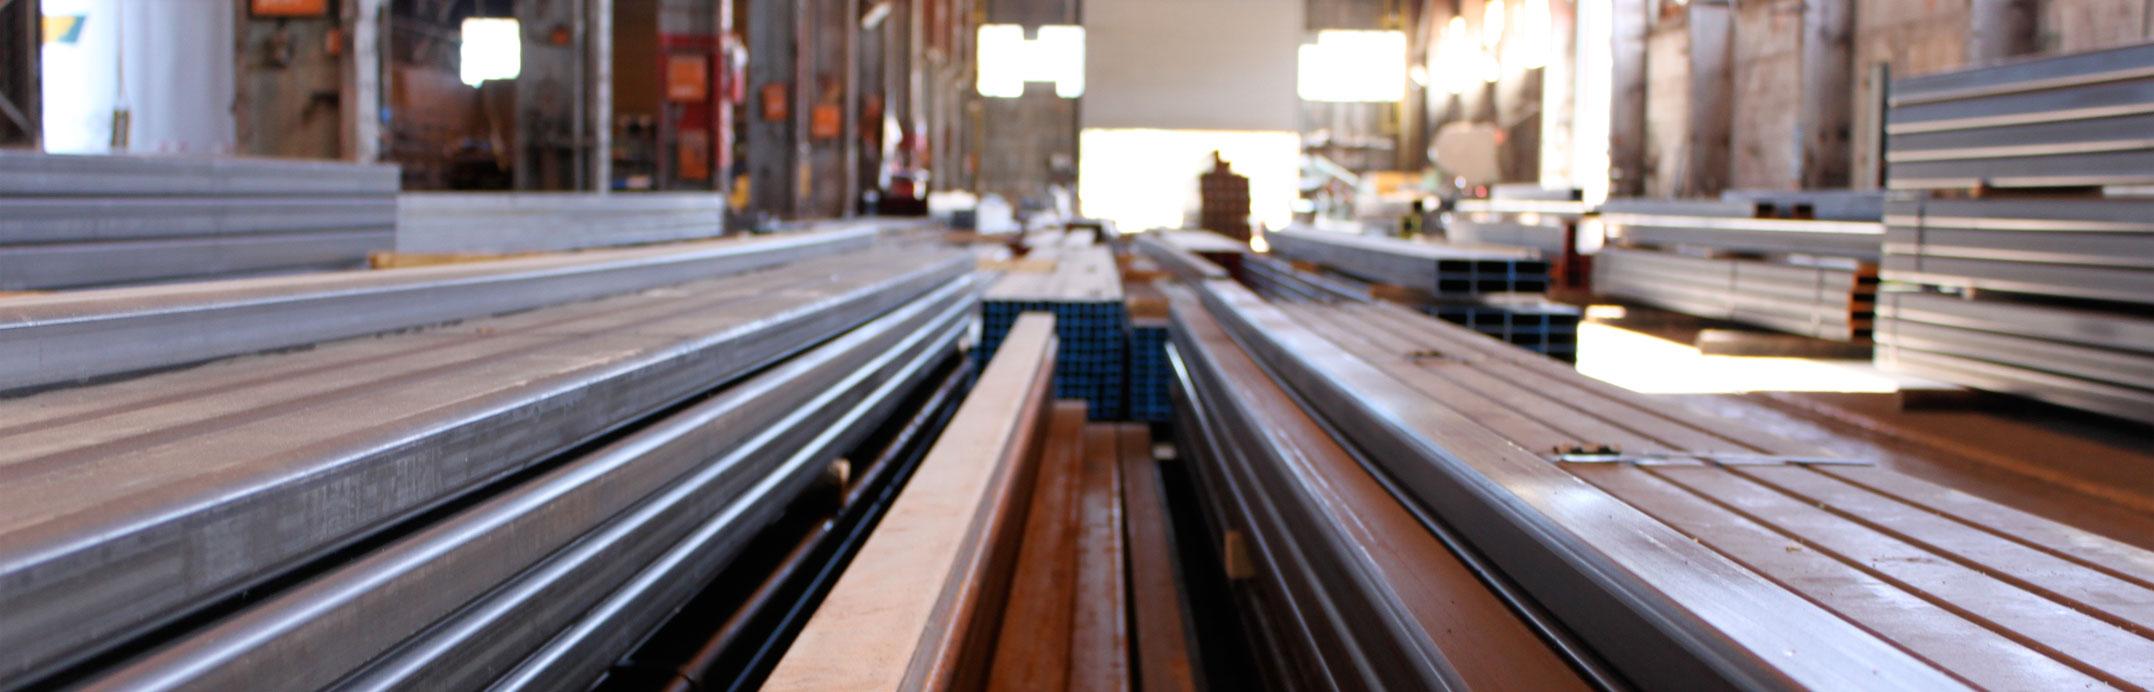 heavy duty steel tubing in metal warehouse